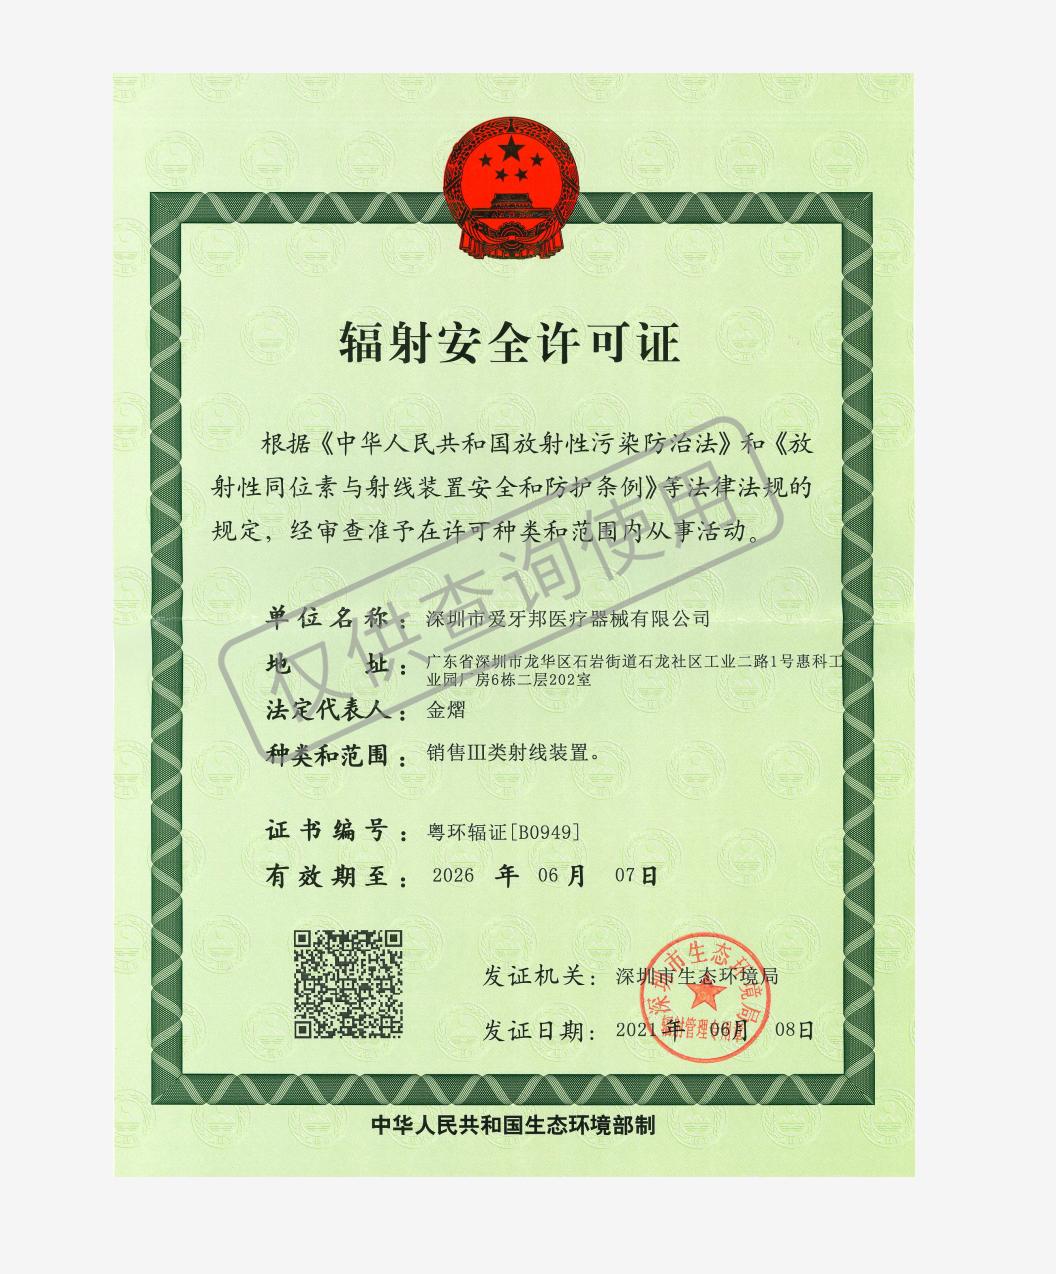 证书带水印.jpg